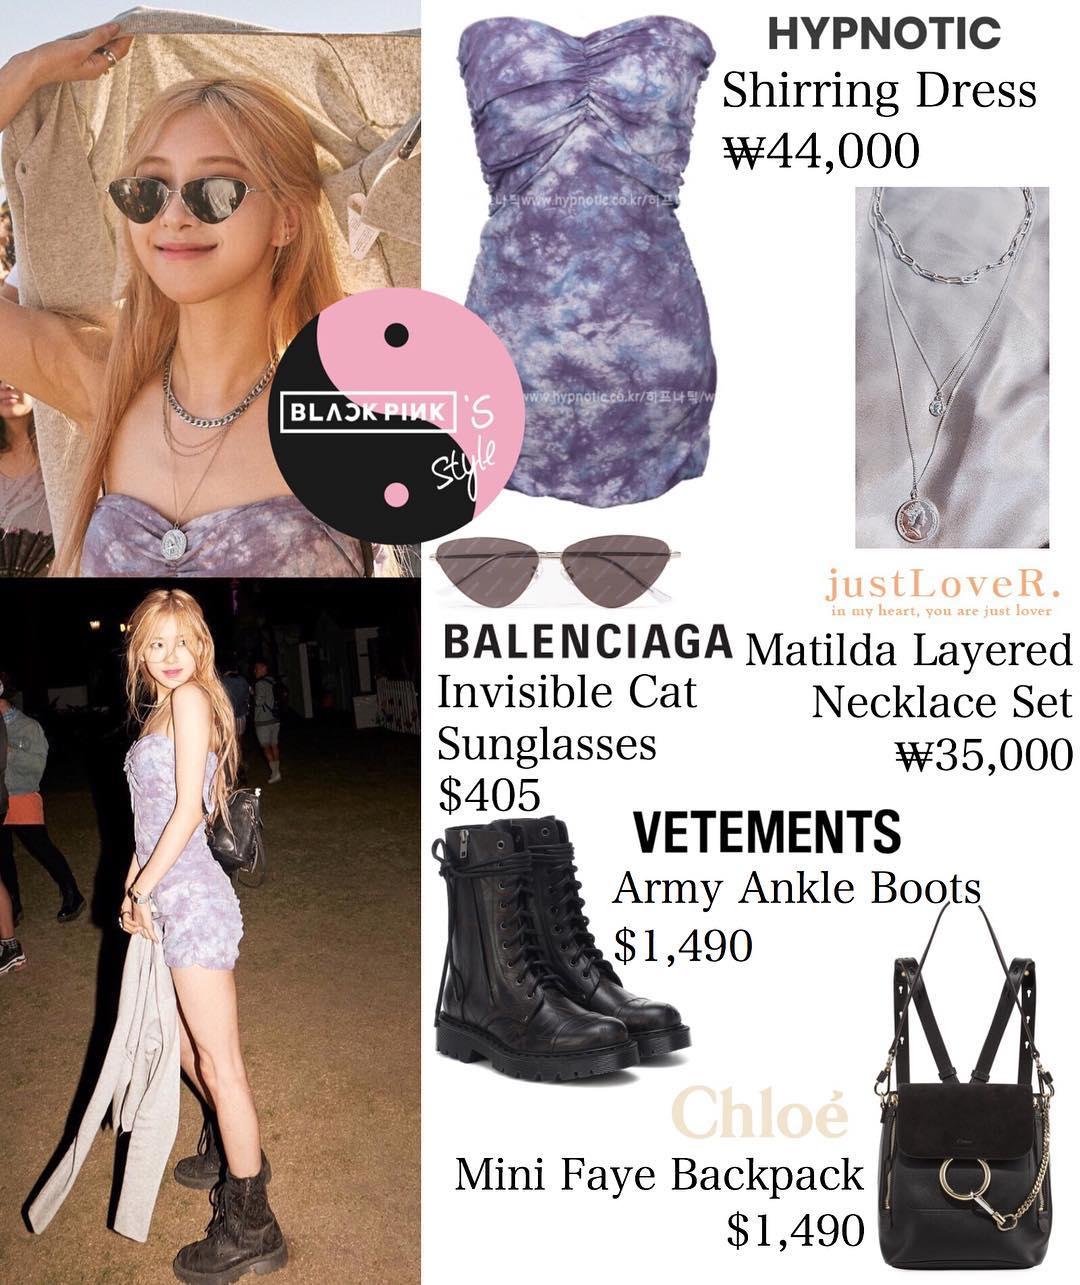 Bóc giá thời trang triệu đô của Blackpink: 3 cô em lột xác hóa gái Mỹ nóng bỏng , chị cả Jisoo vẫn chọn kín cổng cao tường